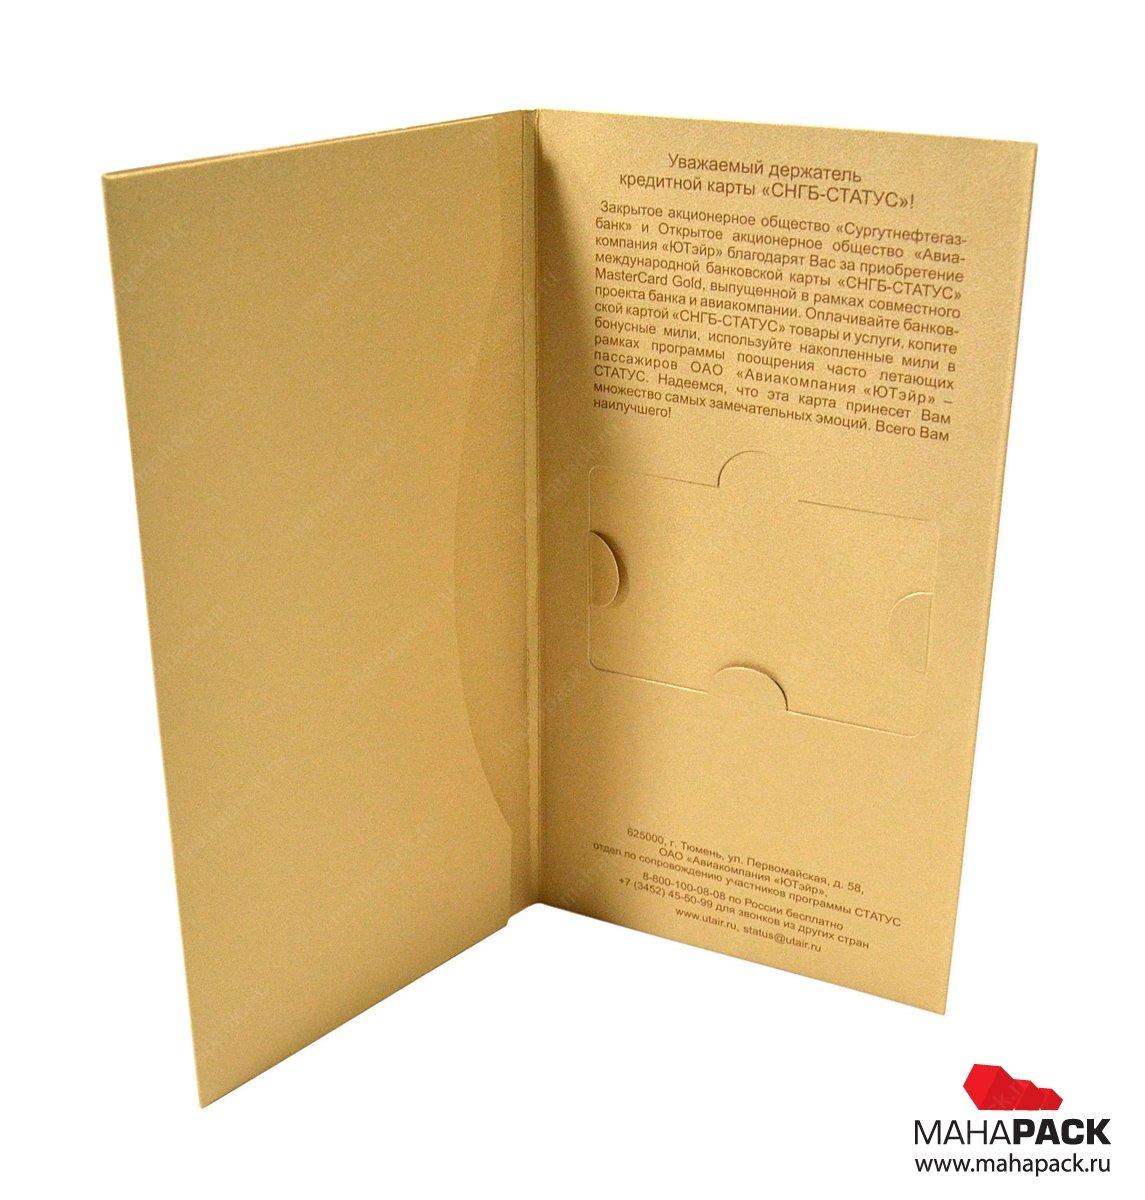 Фирменная упаковка для пластиковой карты и буклета